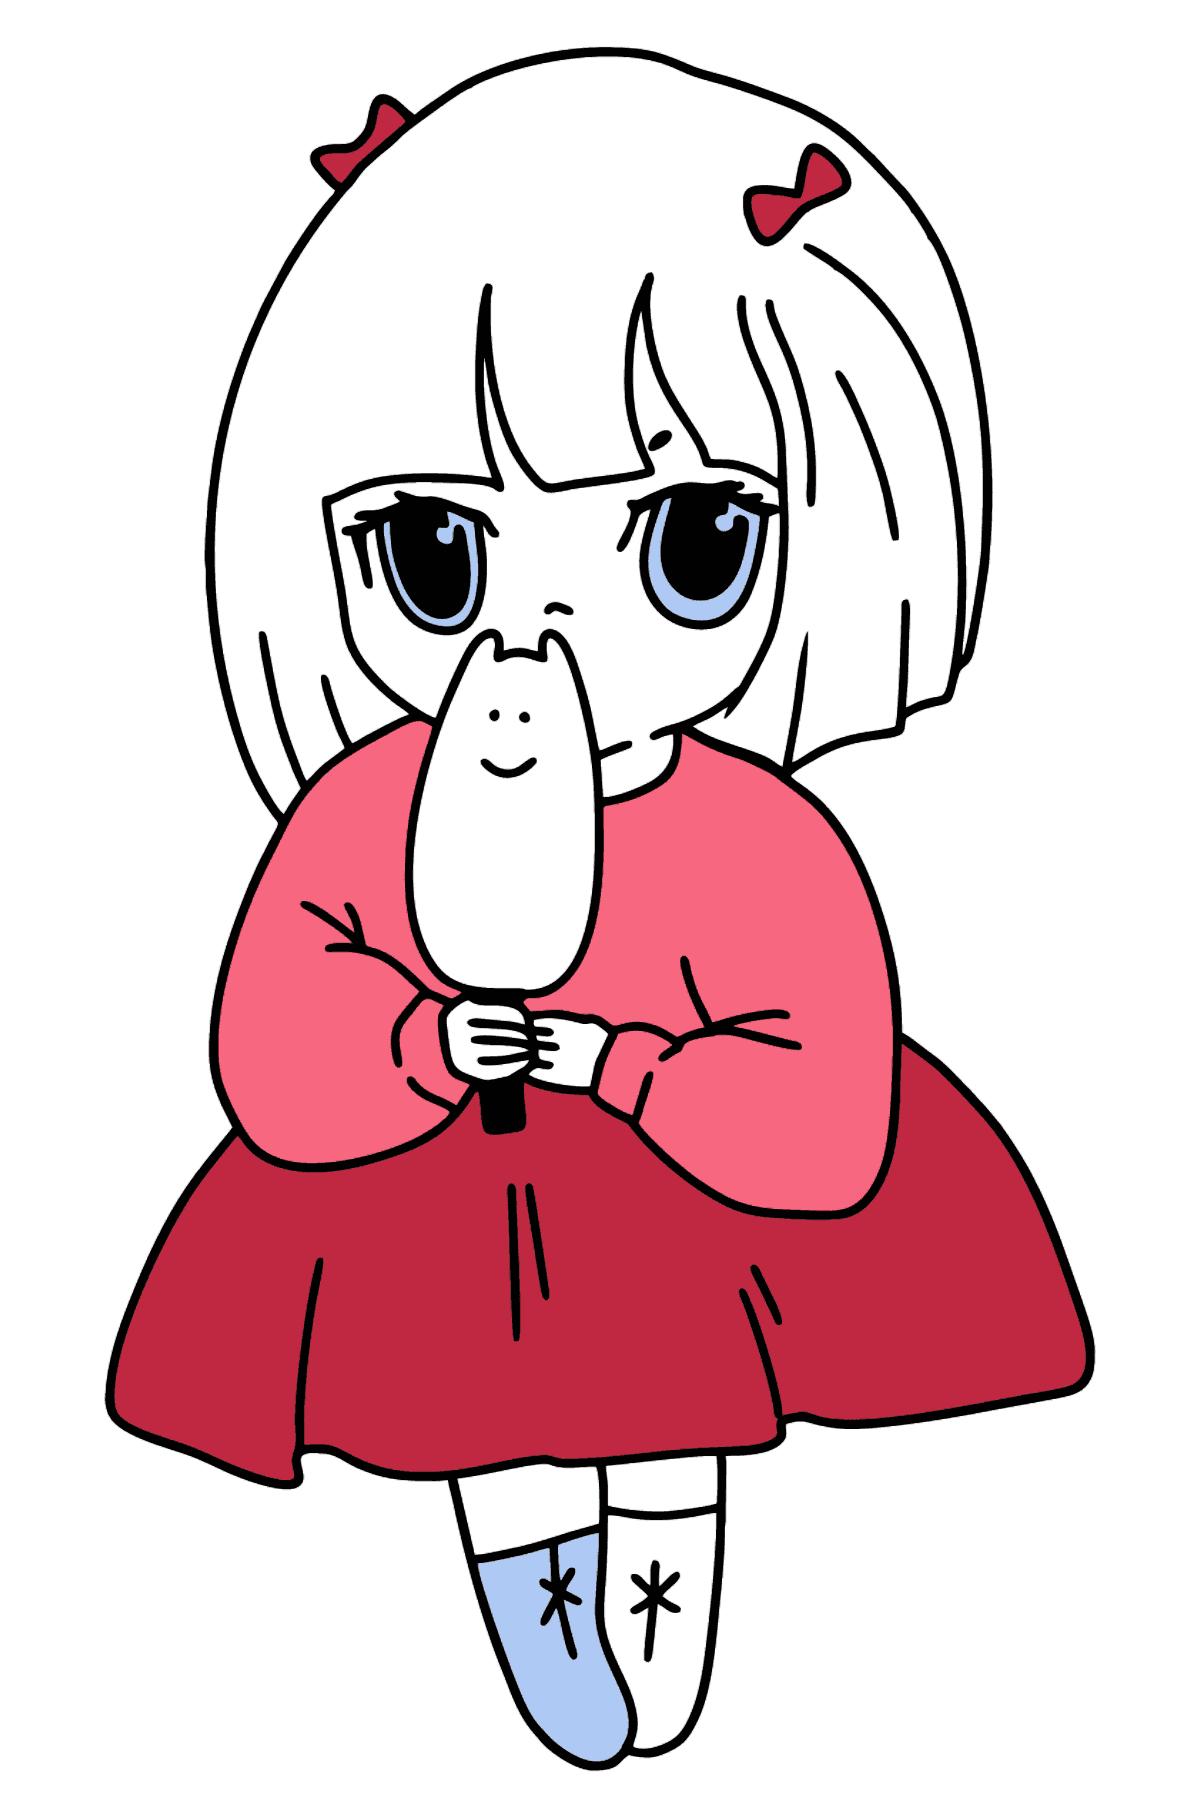 Anime Mädchen mit Eis Malvorlagen - Malvorlagen für Kinder